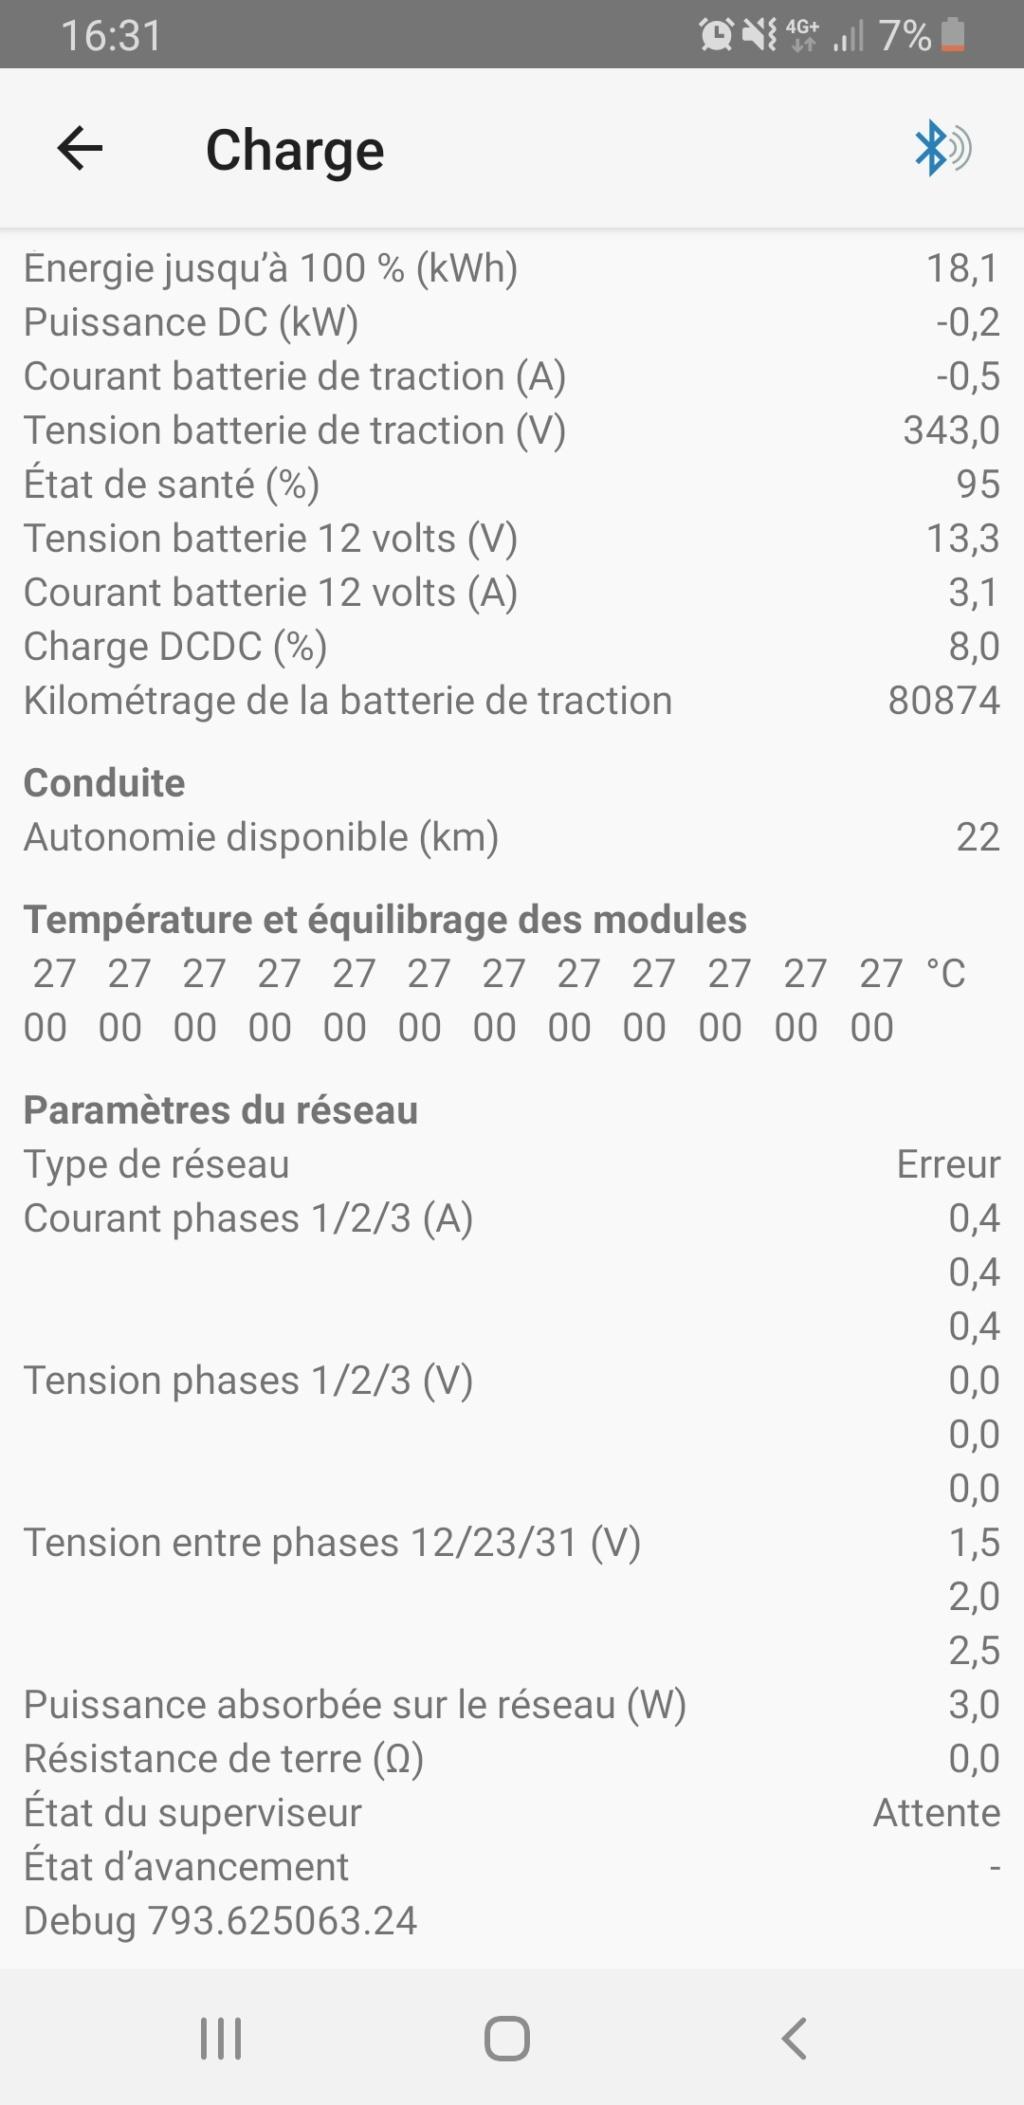 Diagnostiquer et réparer «charge batterie impossible» de Zoé sur installation domestique - Page 2 Screen10